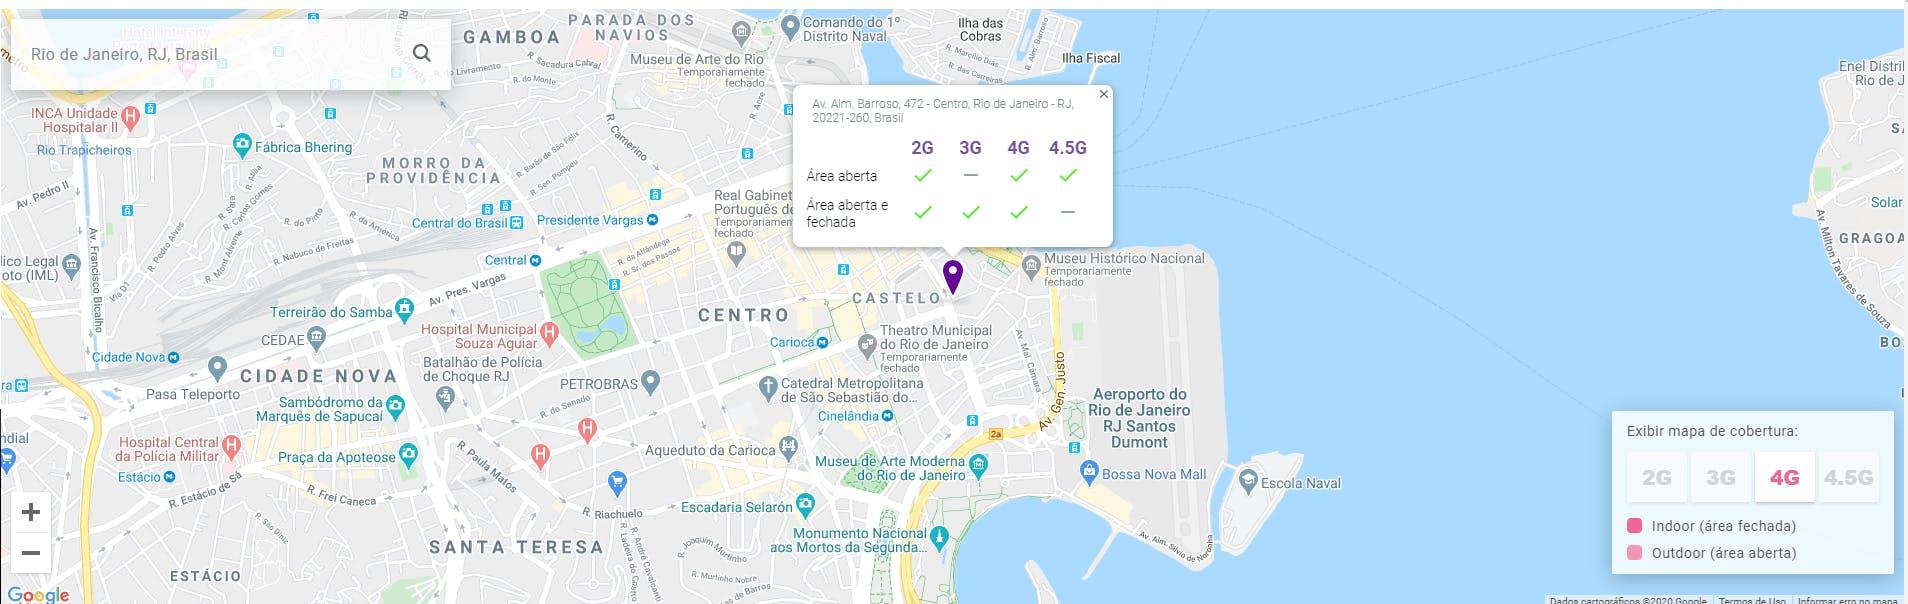 Exemplo do mapa de informação da cobertura vivo 2G, 3G, 4G e 4.5G